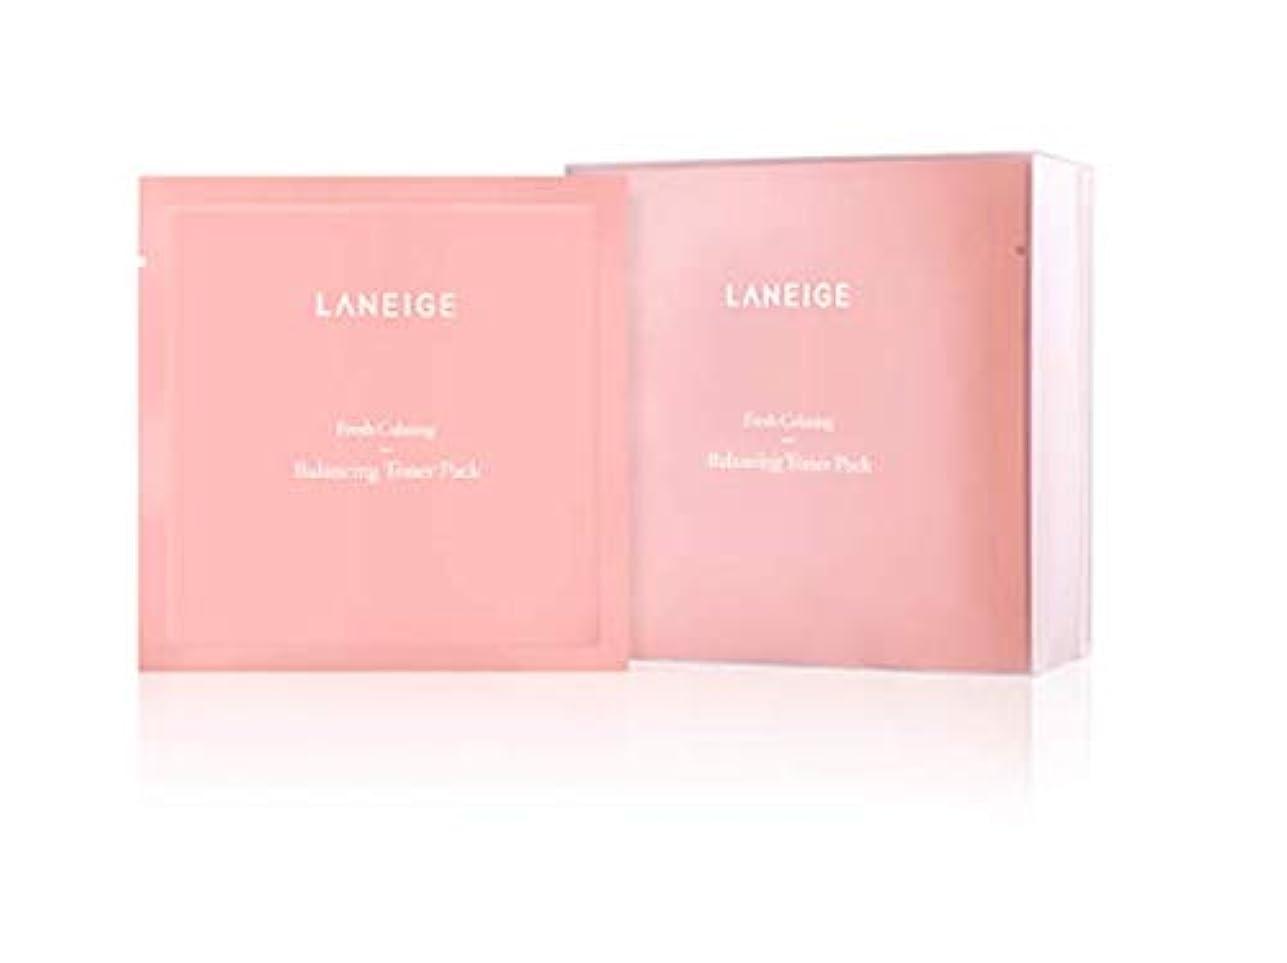 スキルしょっぱいドラフト【ラネージュ.Laneige]フレッシュカミングバランシングトナーパック(8ml×20個)+無料プレゼント(写真参照)/ Fresh Calming Balancing Toner Pack(8ml×20ea)+ free gift(in picture)